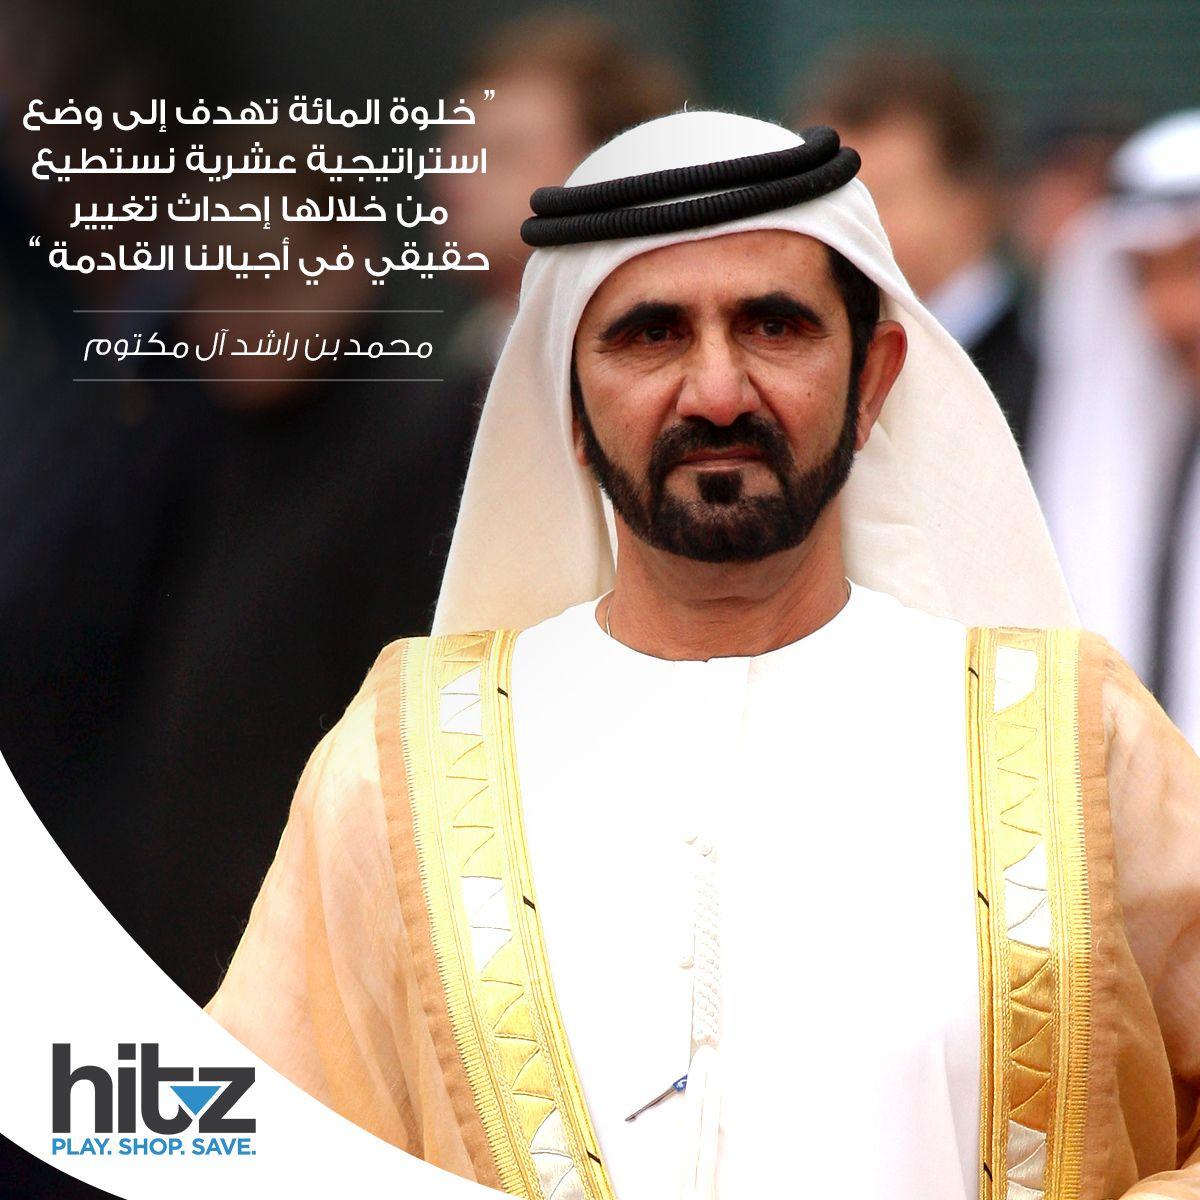 من أقوال الشيخ محمد بن راشد آل مكتوم حفظه الله الإمارات عام القراءة